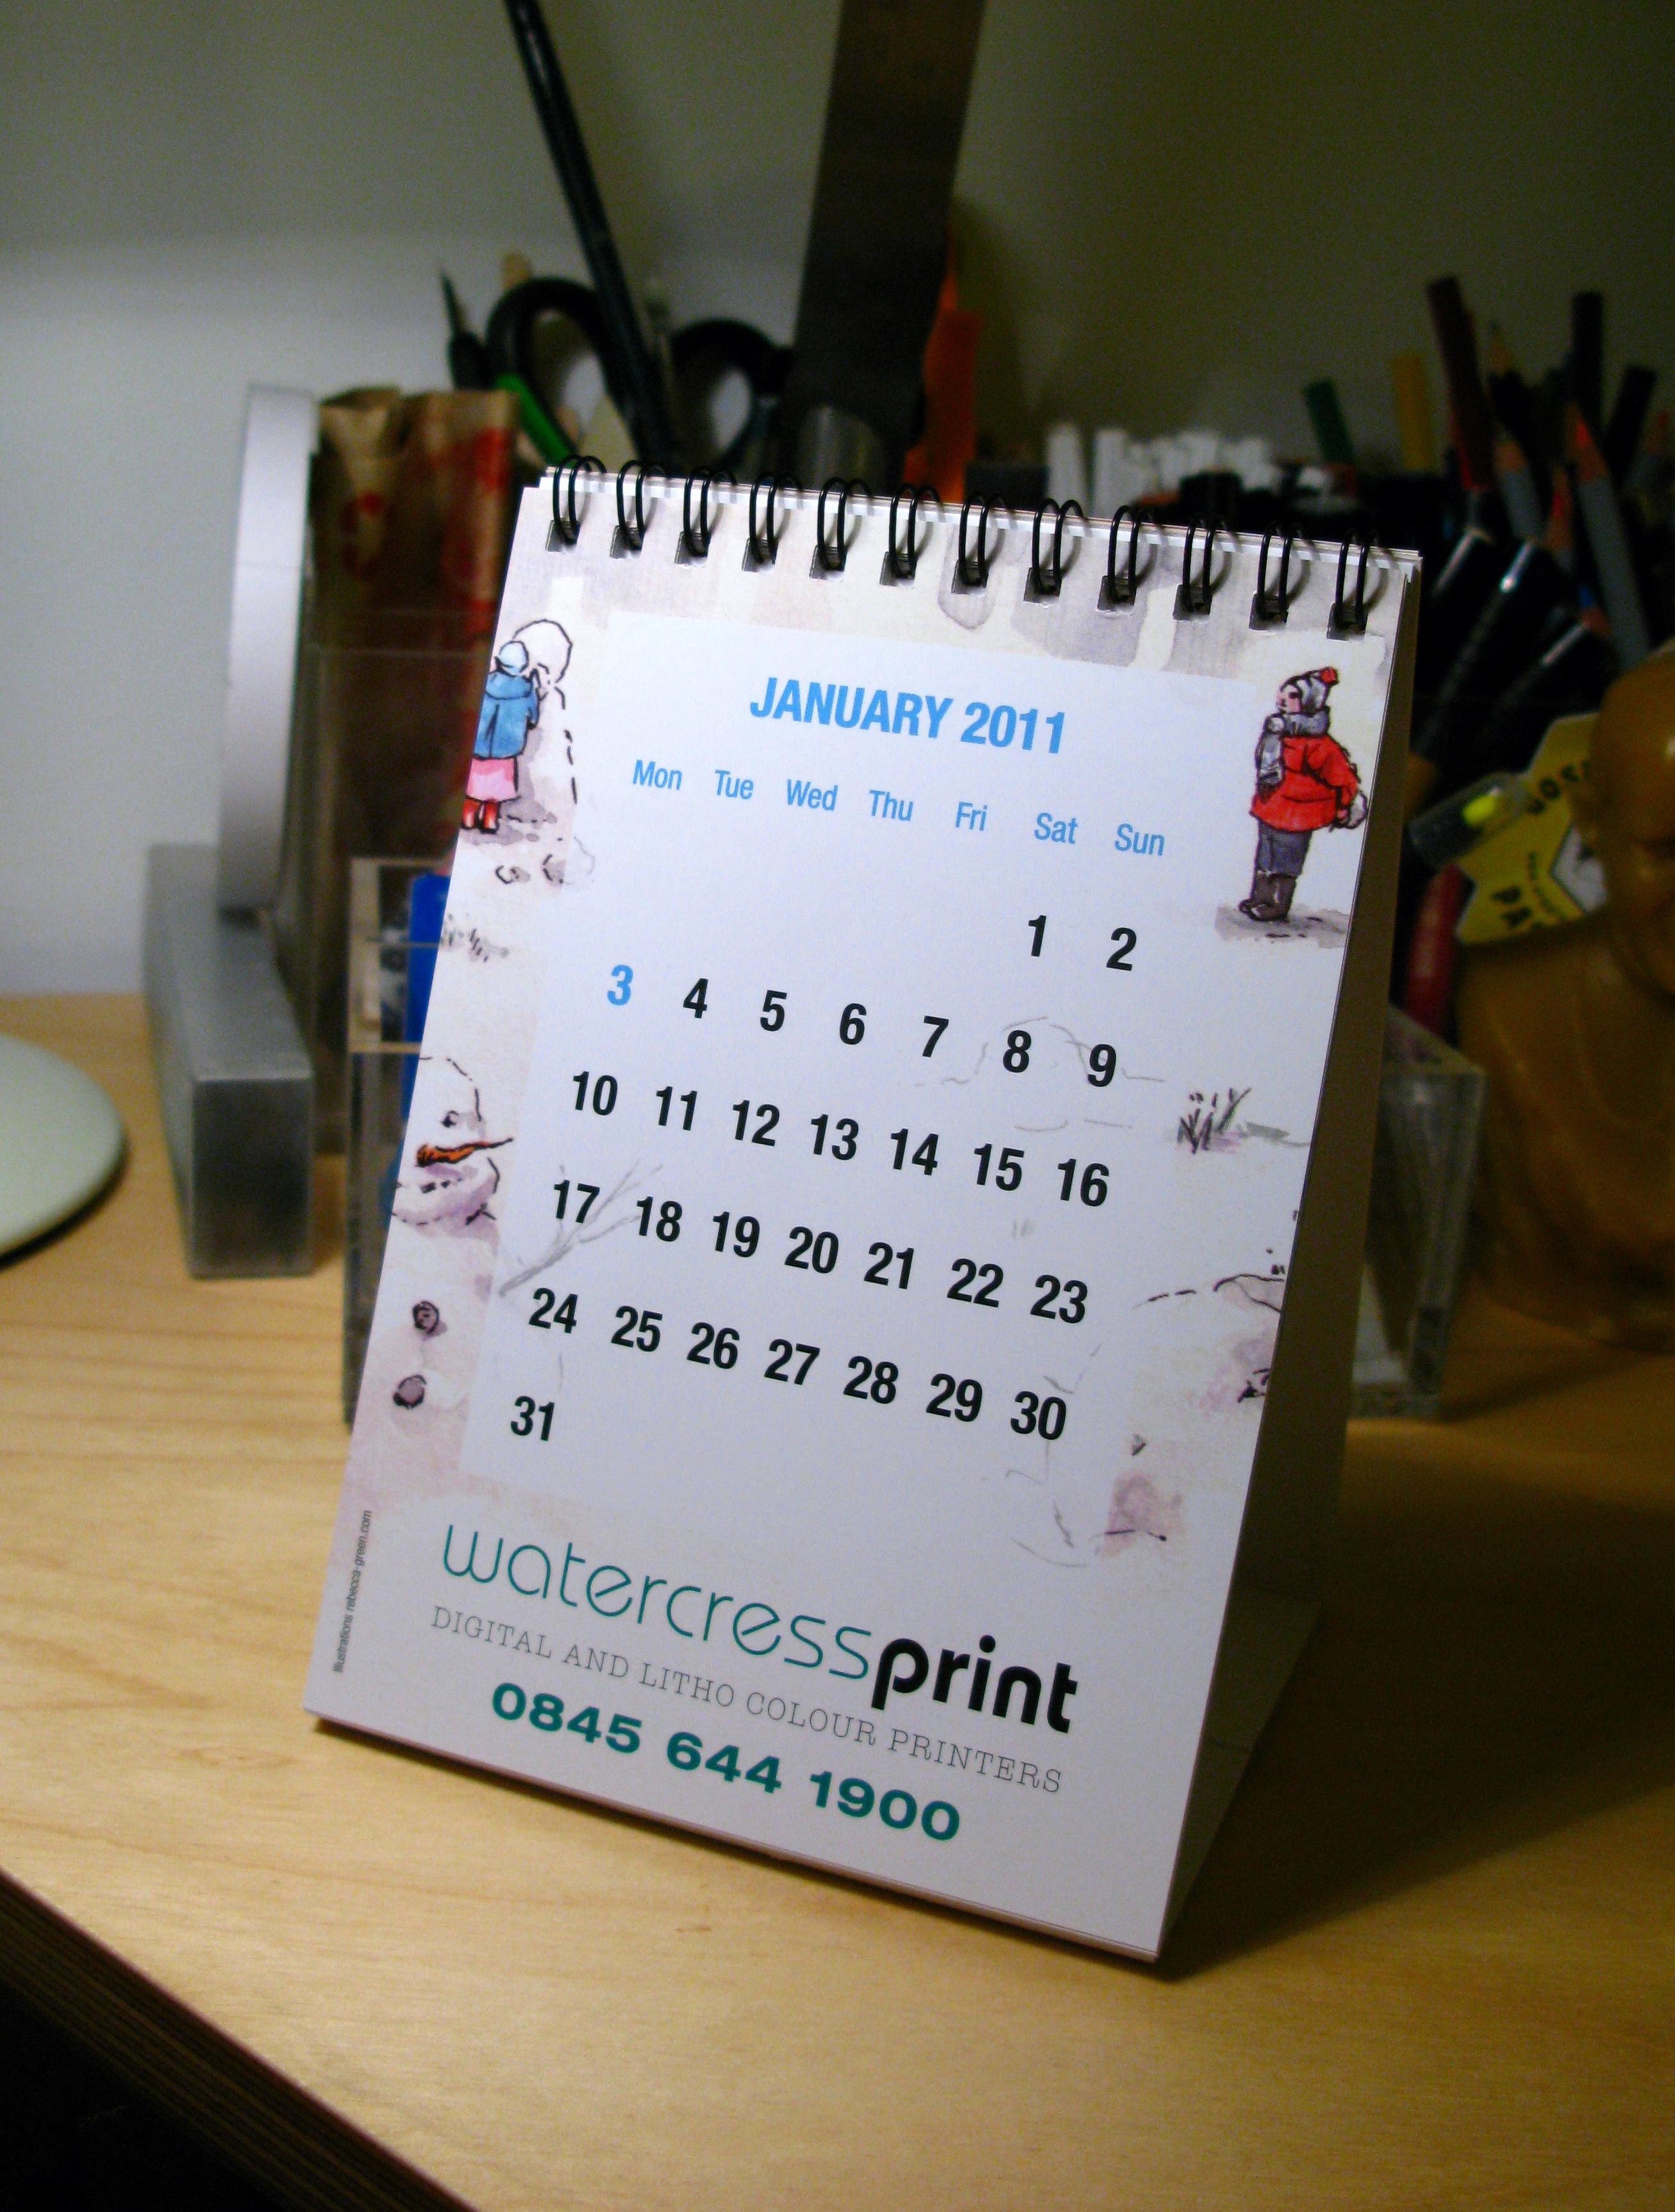 Watercress Print promotional calendar